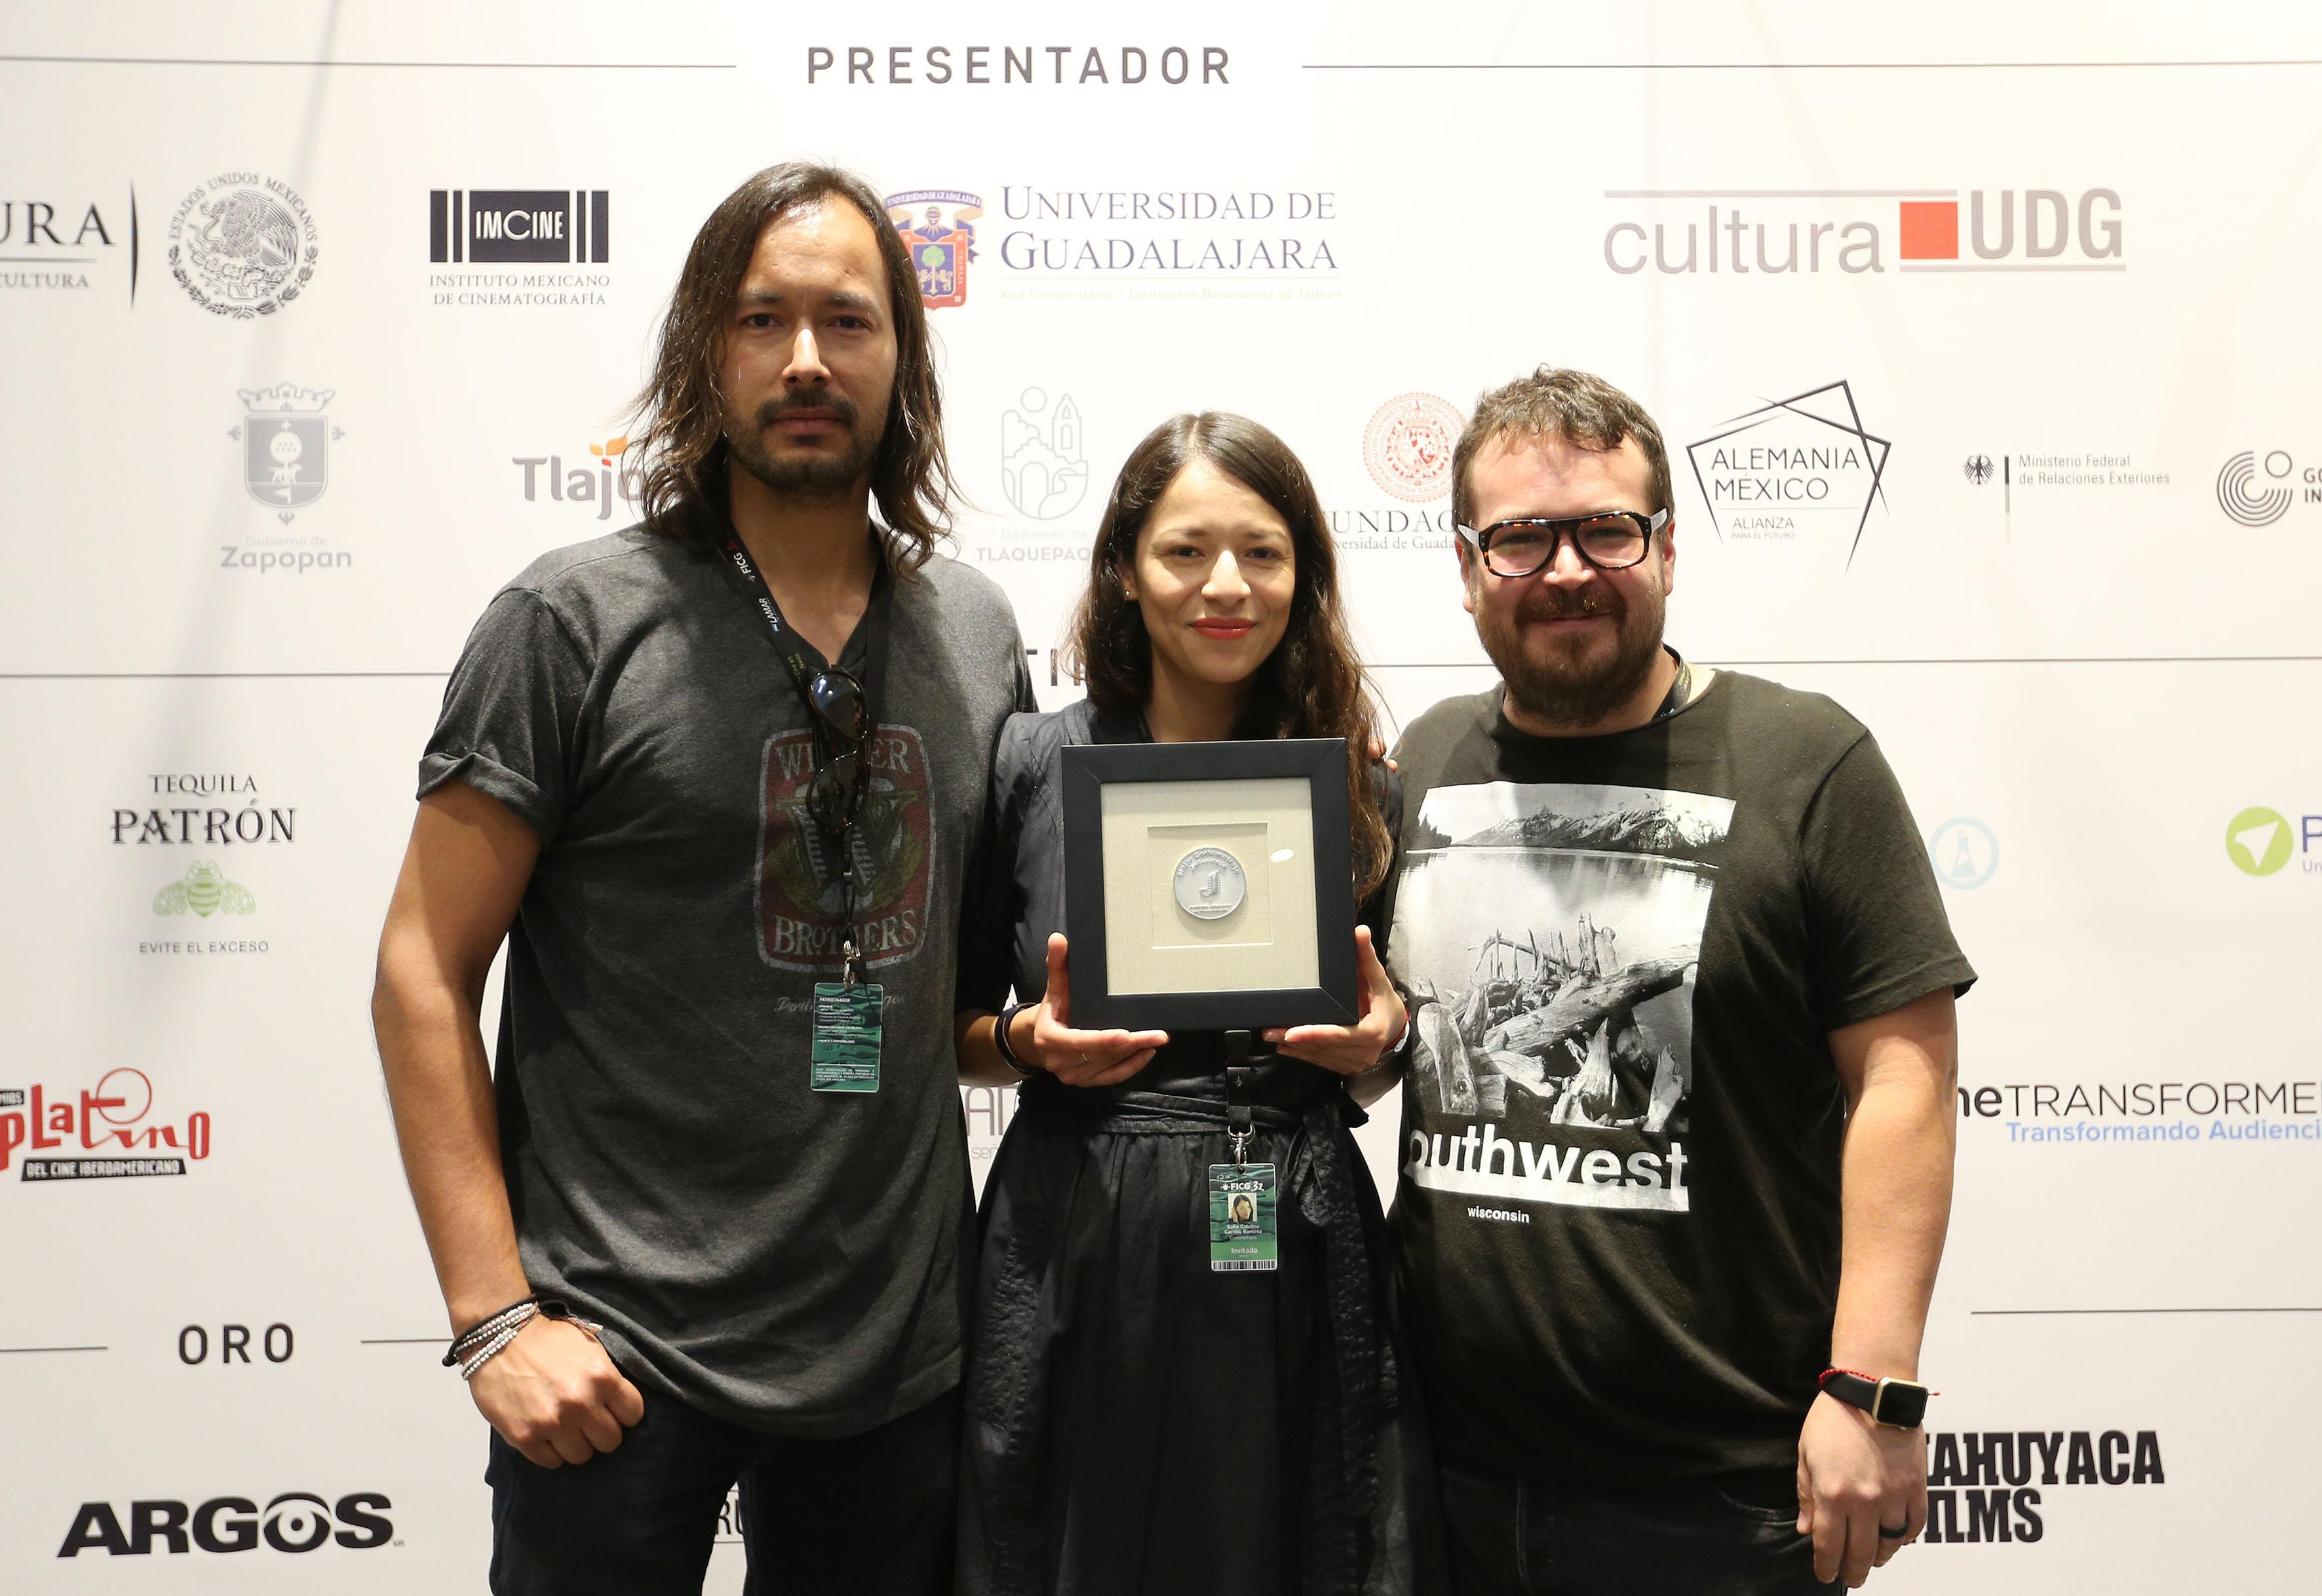 Sofía Carrillo y su equipo, mostrando el premio recibido por Cerulia como uno de los mejores cortometrajes jaliscienses 2017.